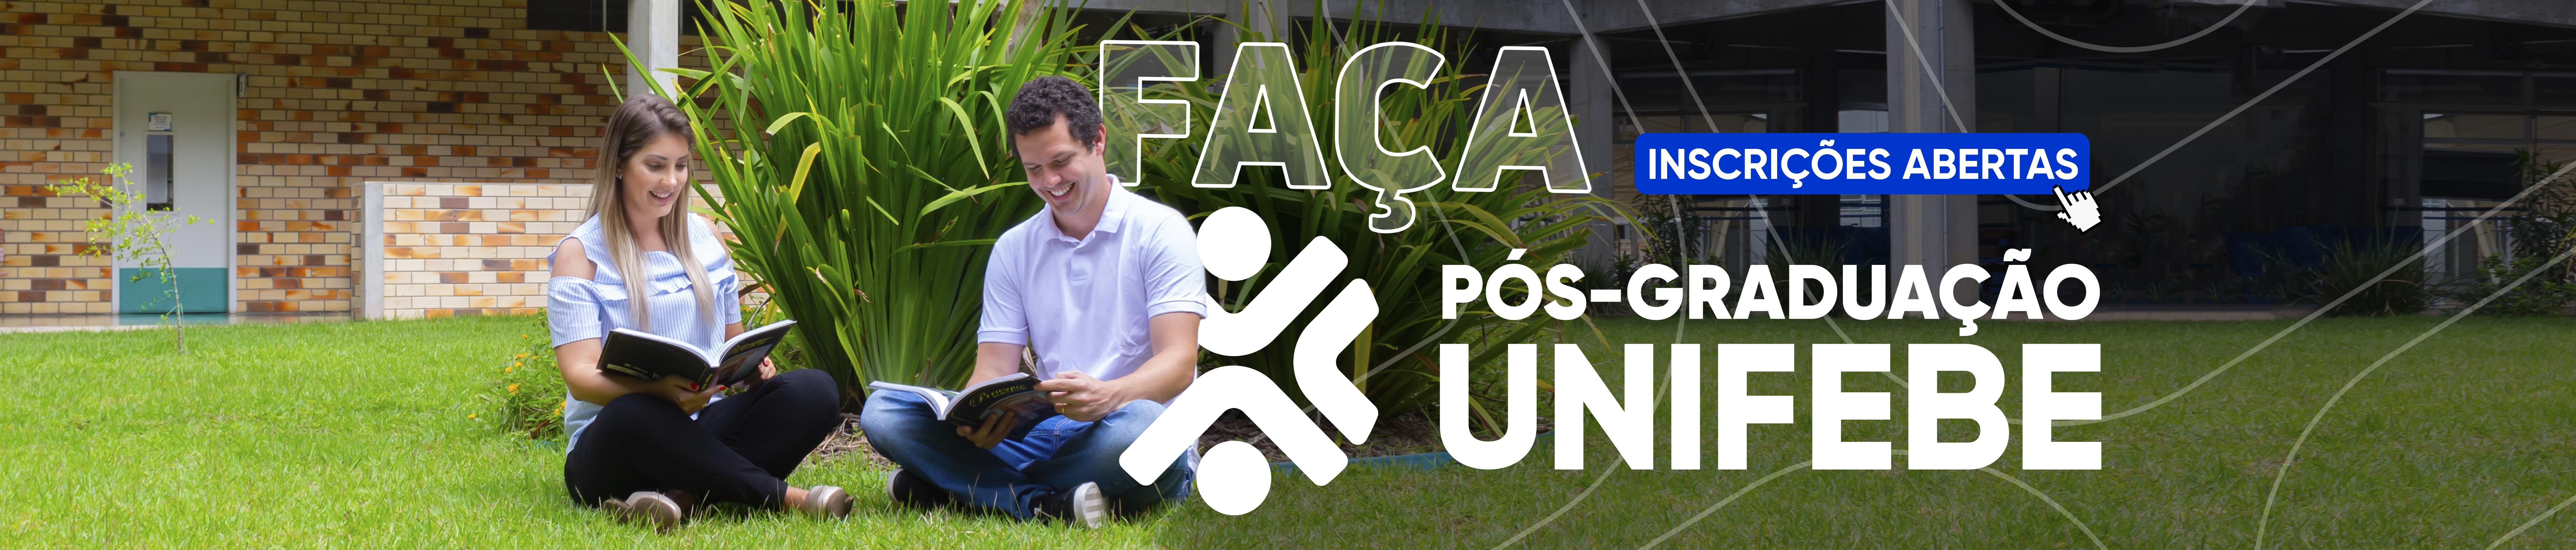 Banner Pós-graduação site desktop